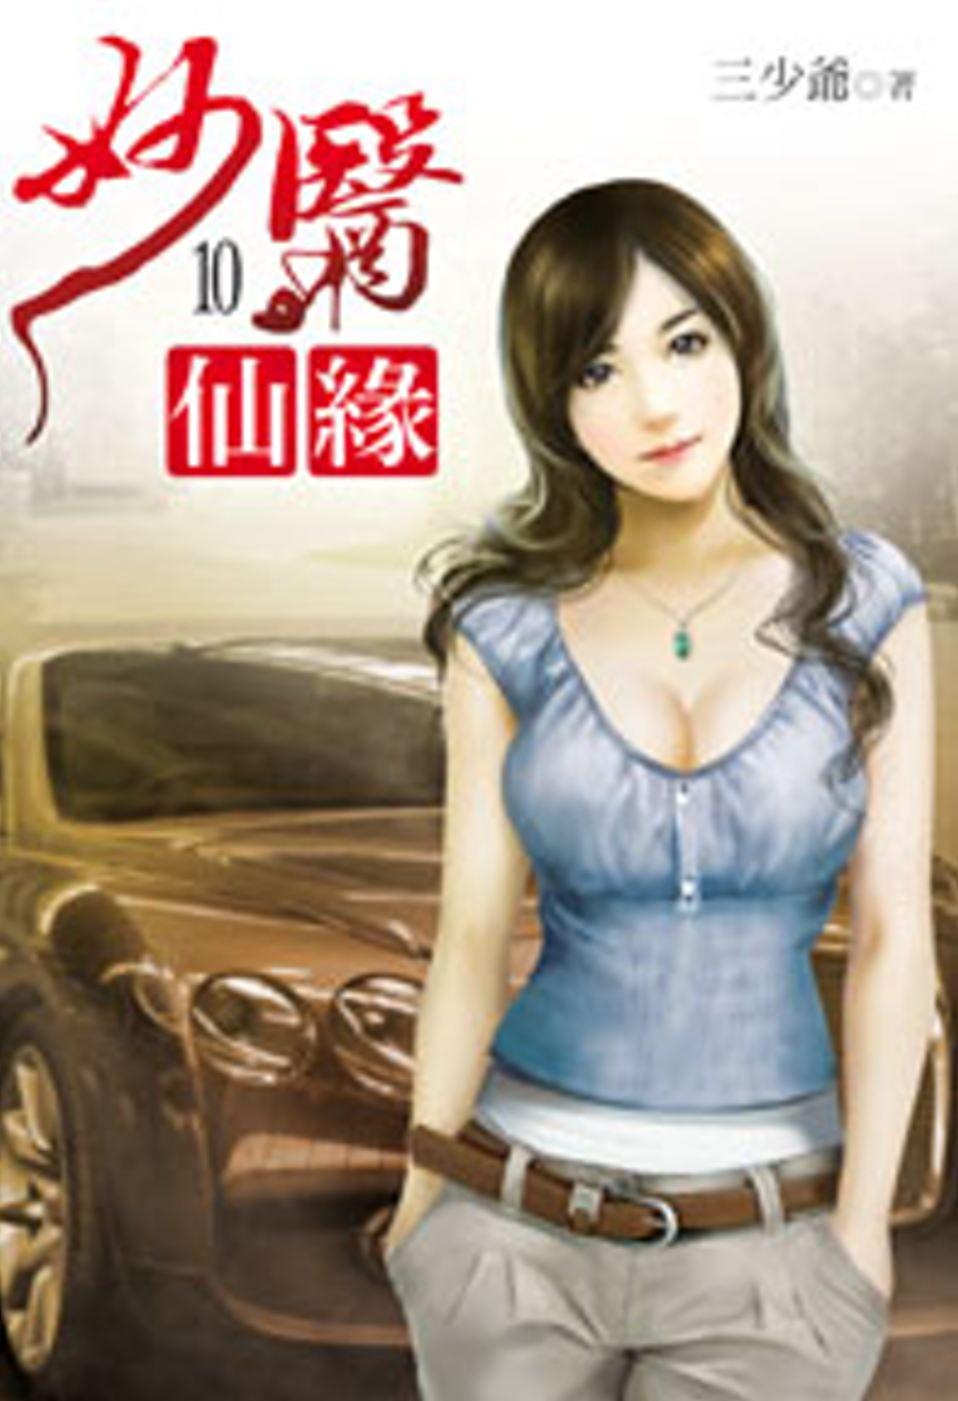 妙醫仙緣10